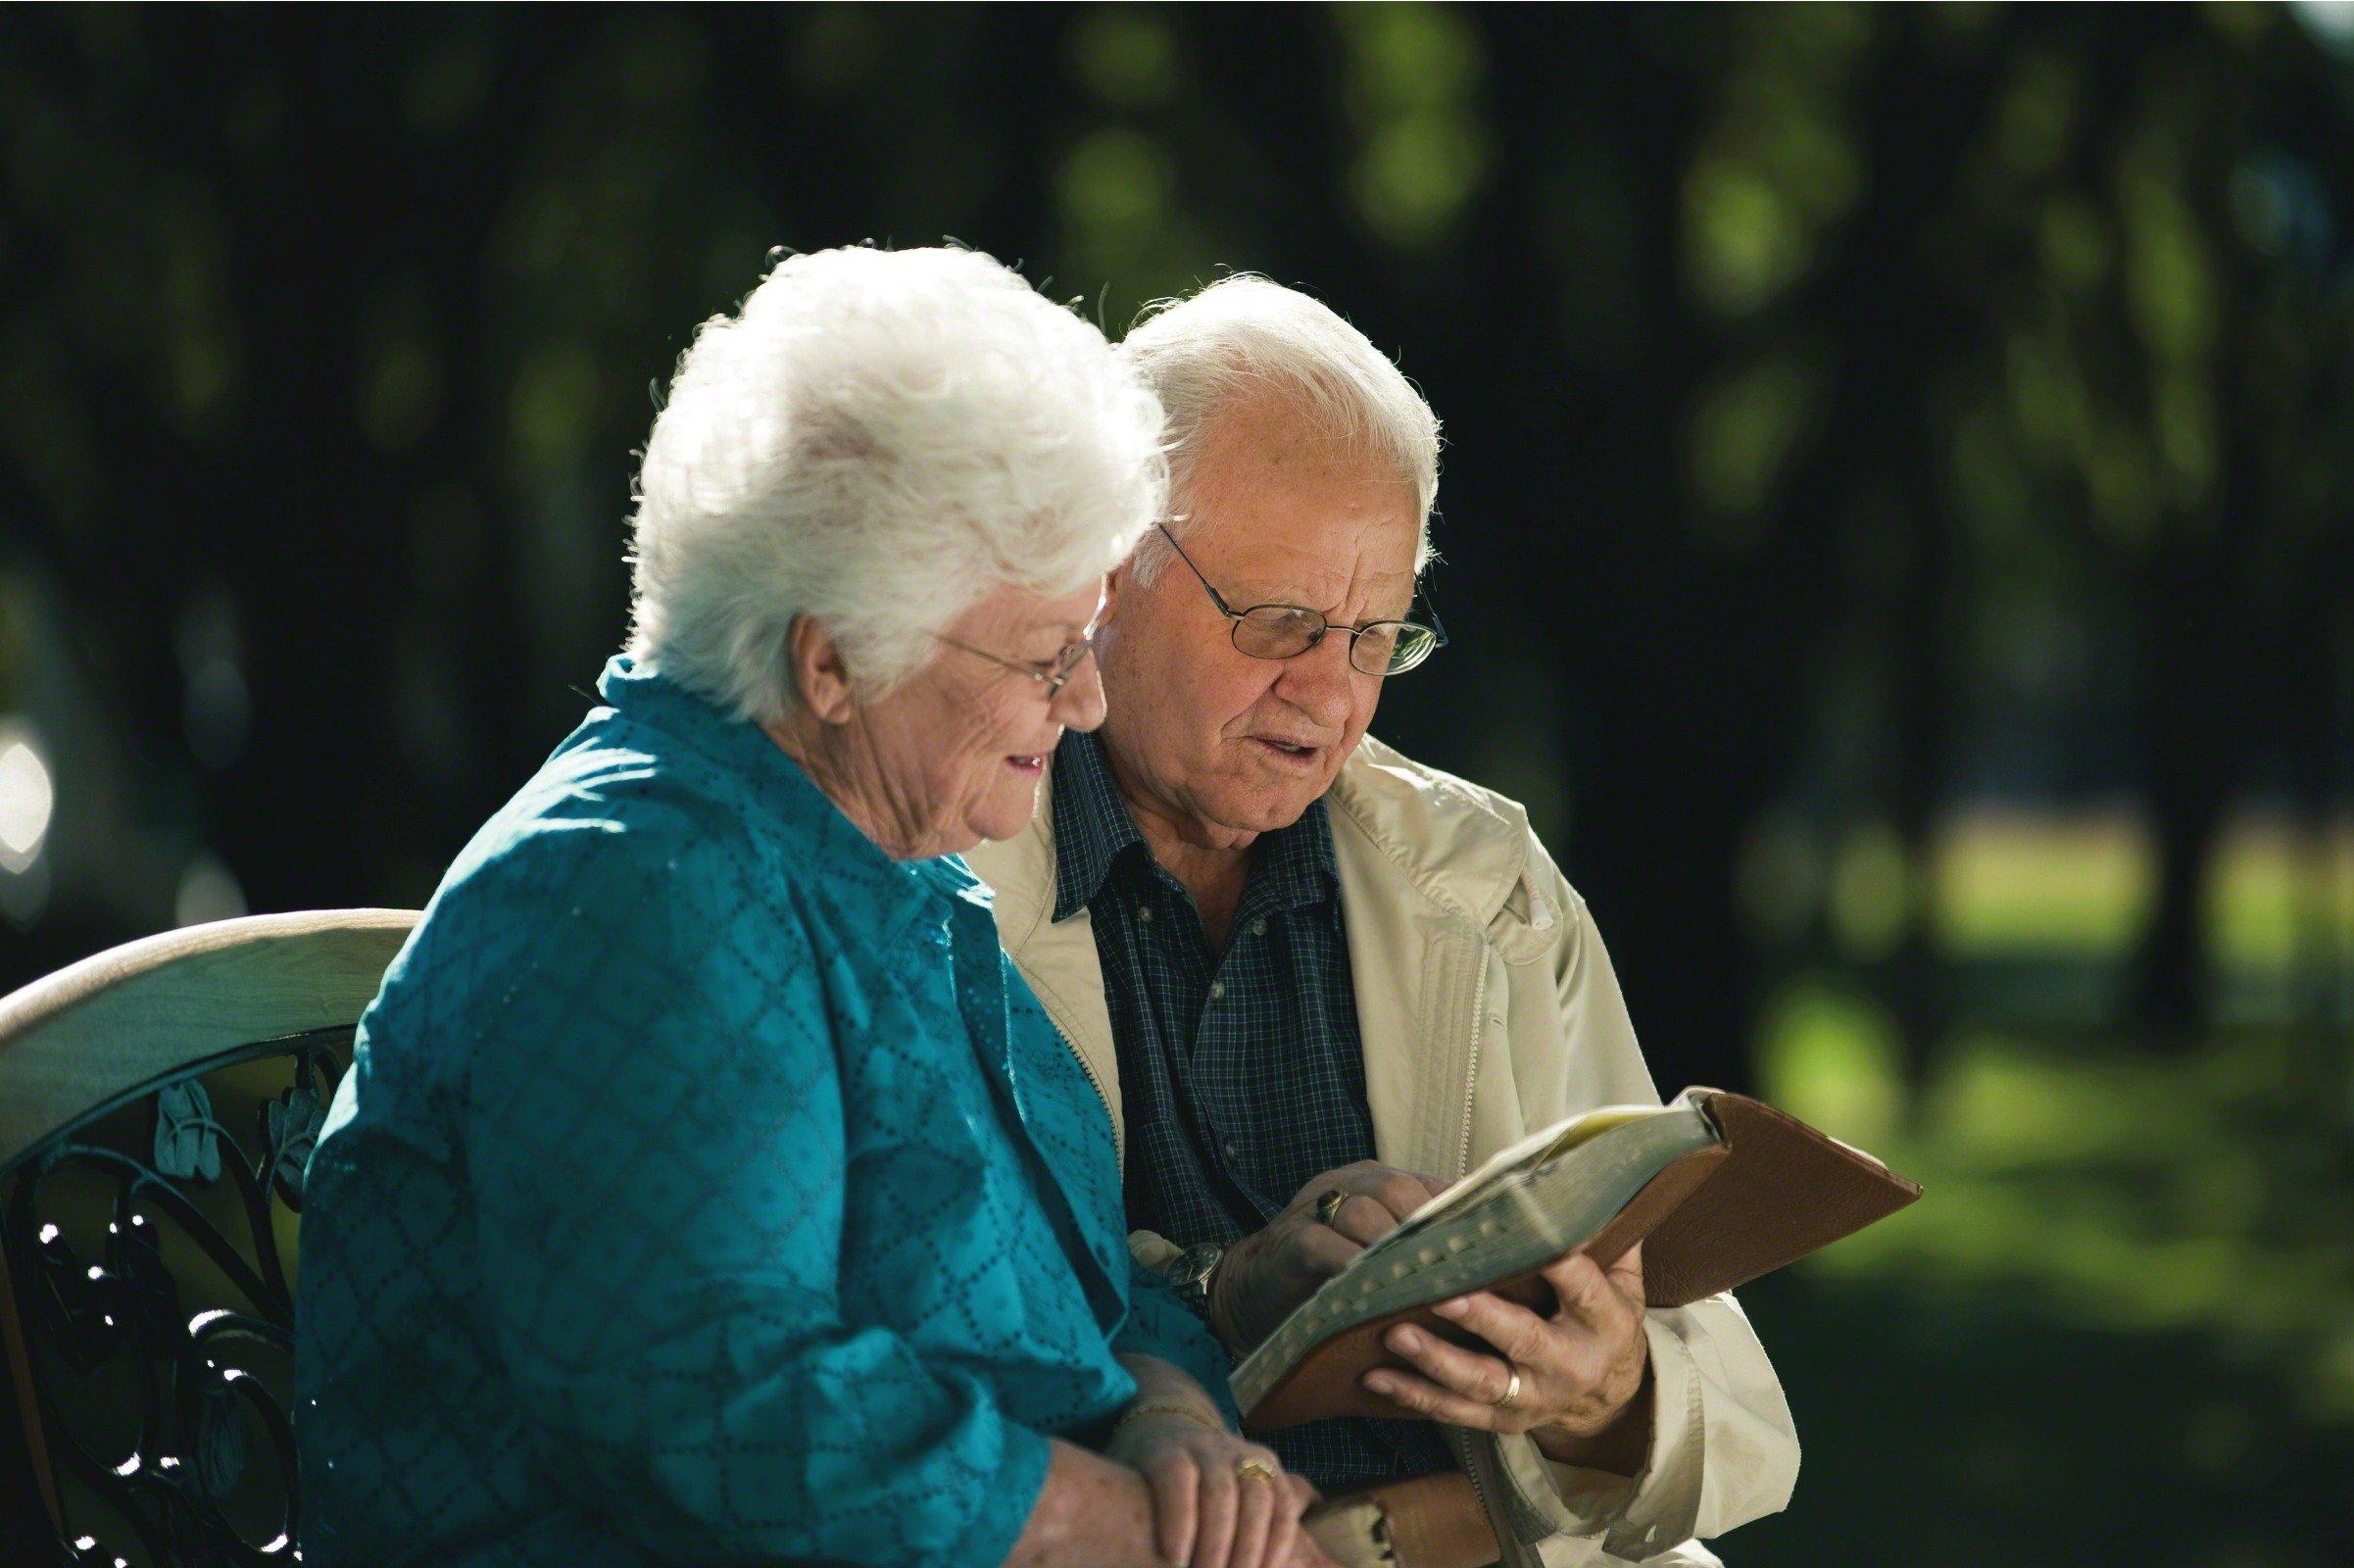 Teachings of President Ezra Taft Benson – Chapter 16: The Elderly in the Church